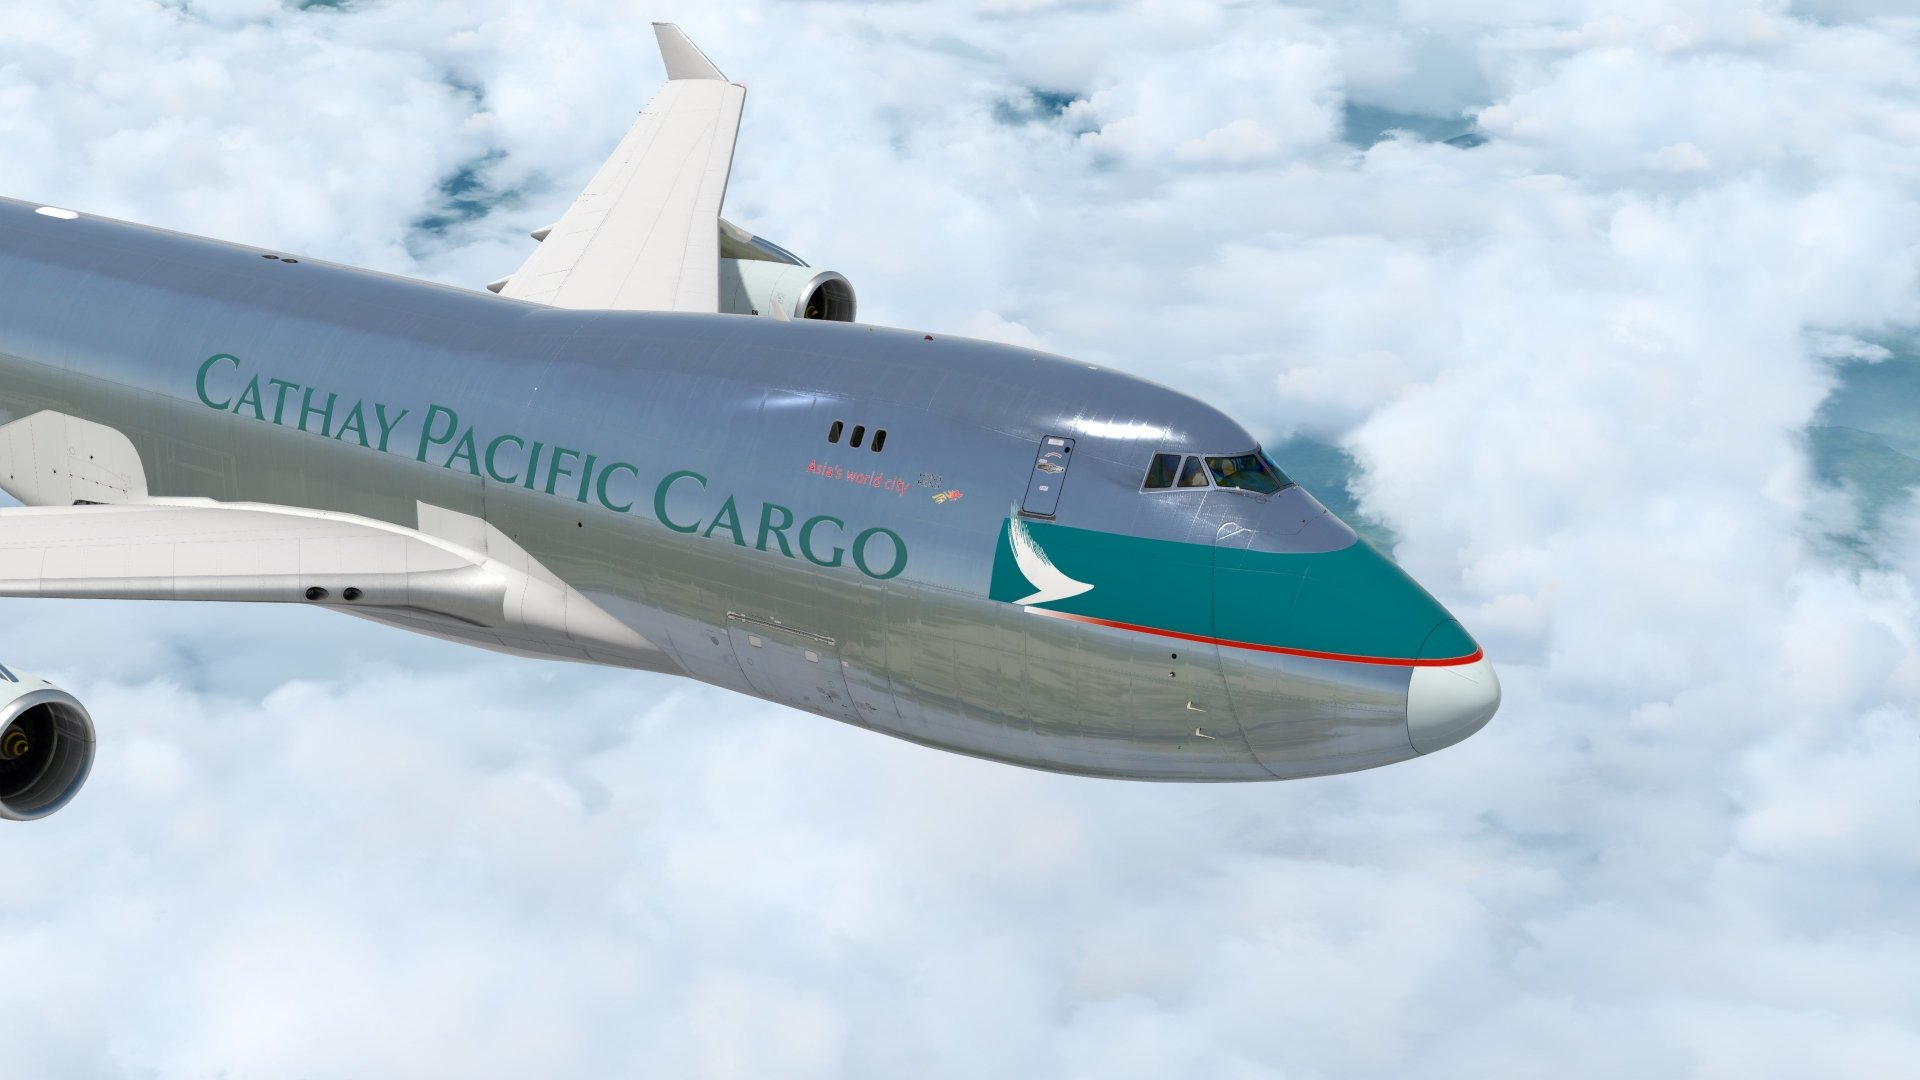 PMDG 747 Cathay Pacific B-HUK wip - The AVSIM Screen Shots